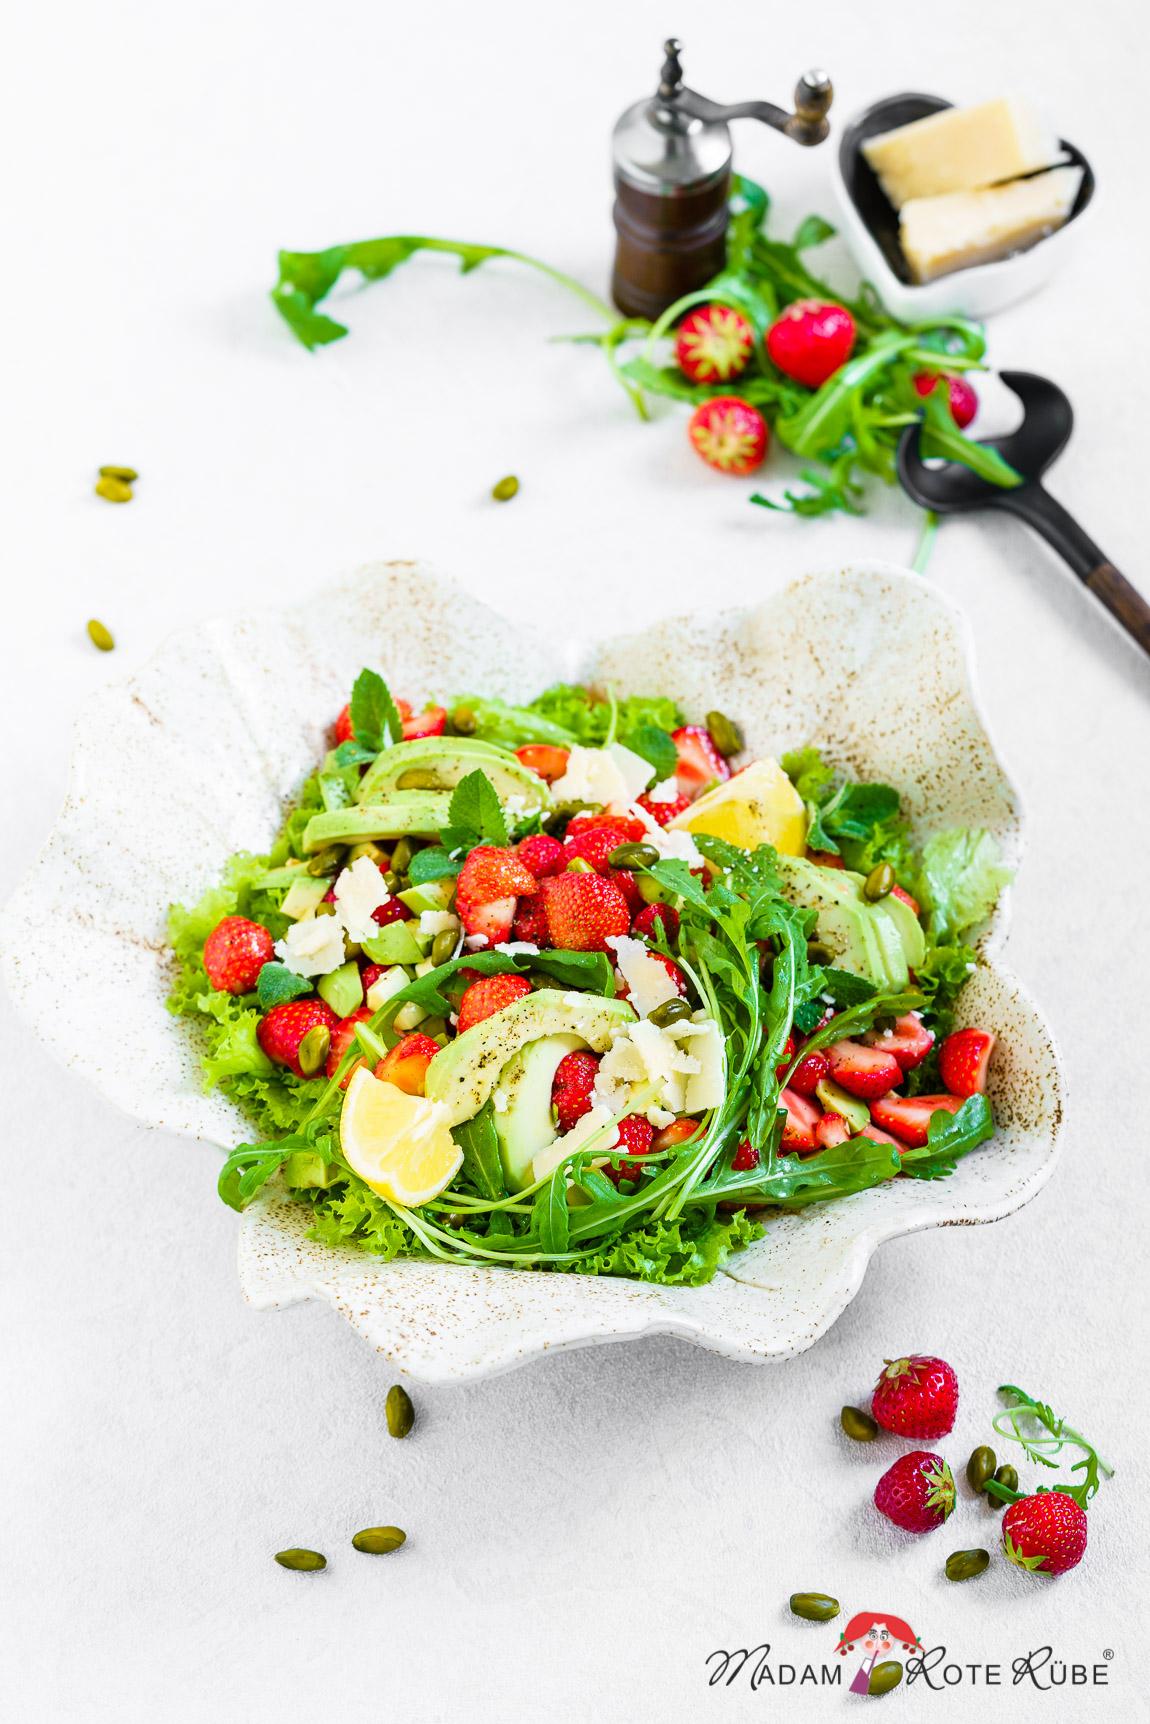 Madam Rote Rübe - Sommersalat mit Erdbeeren und Avocado im Honig-Zitronen-Dressing